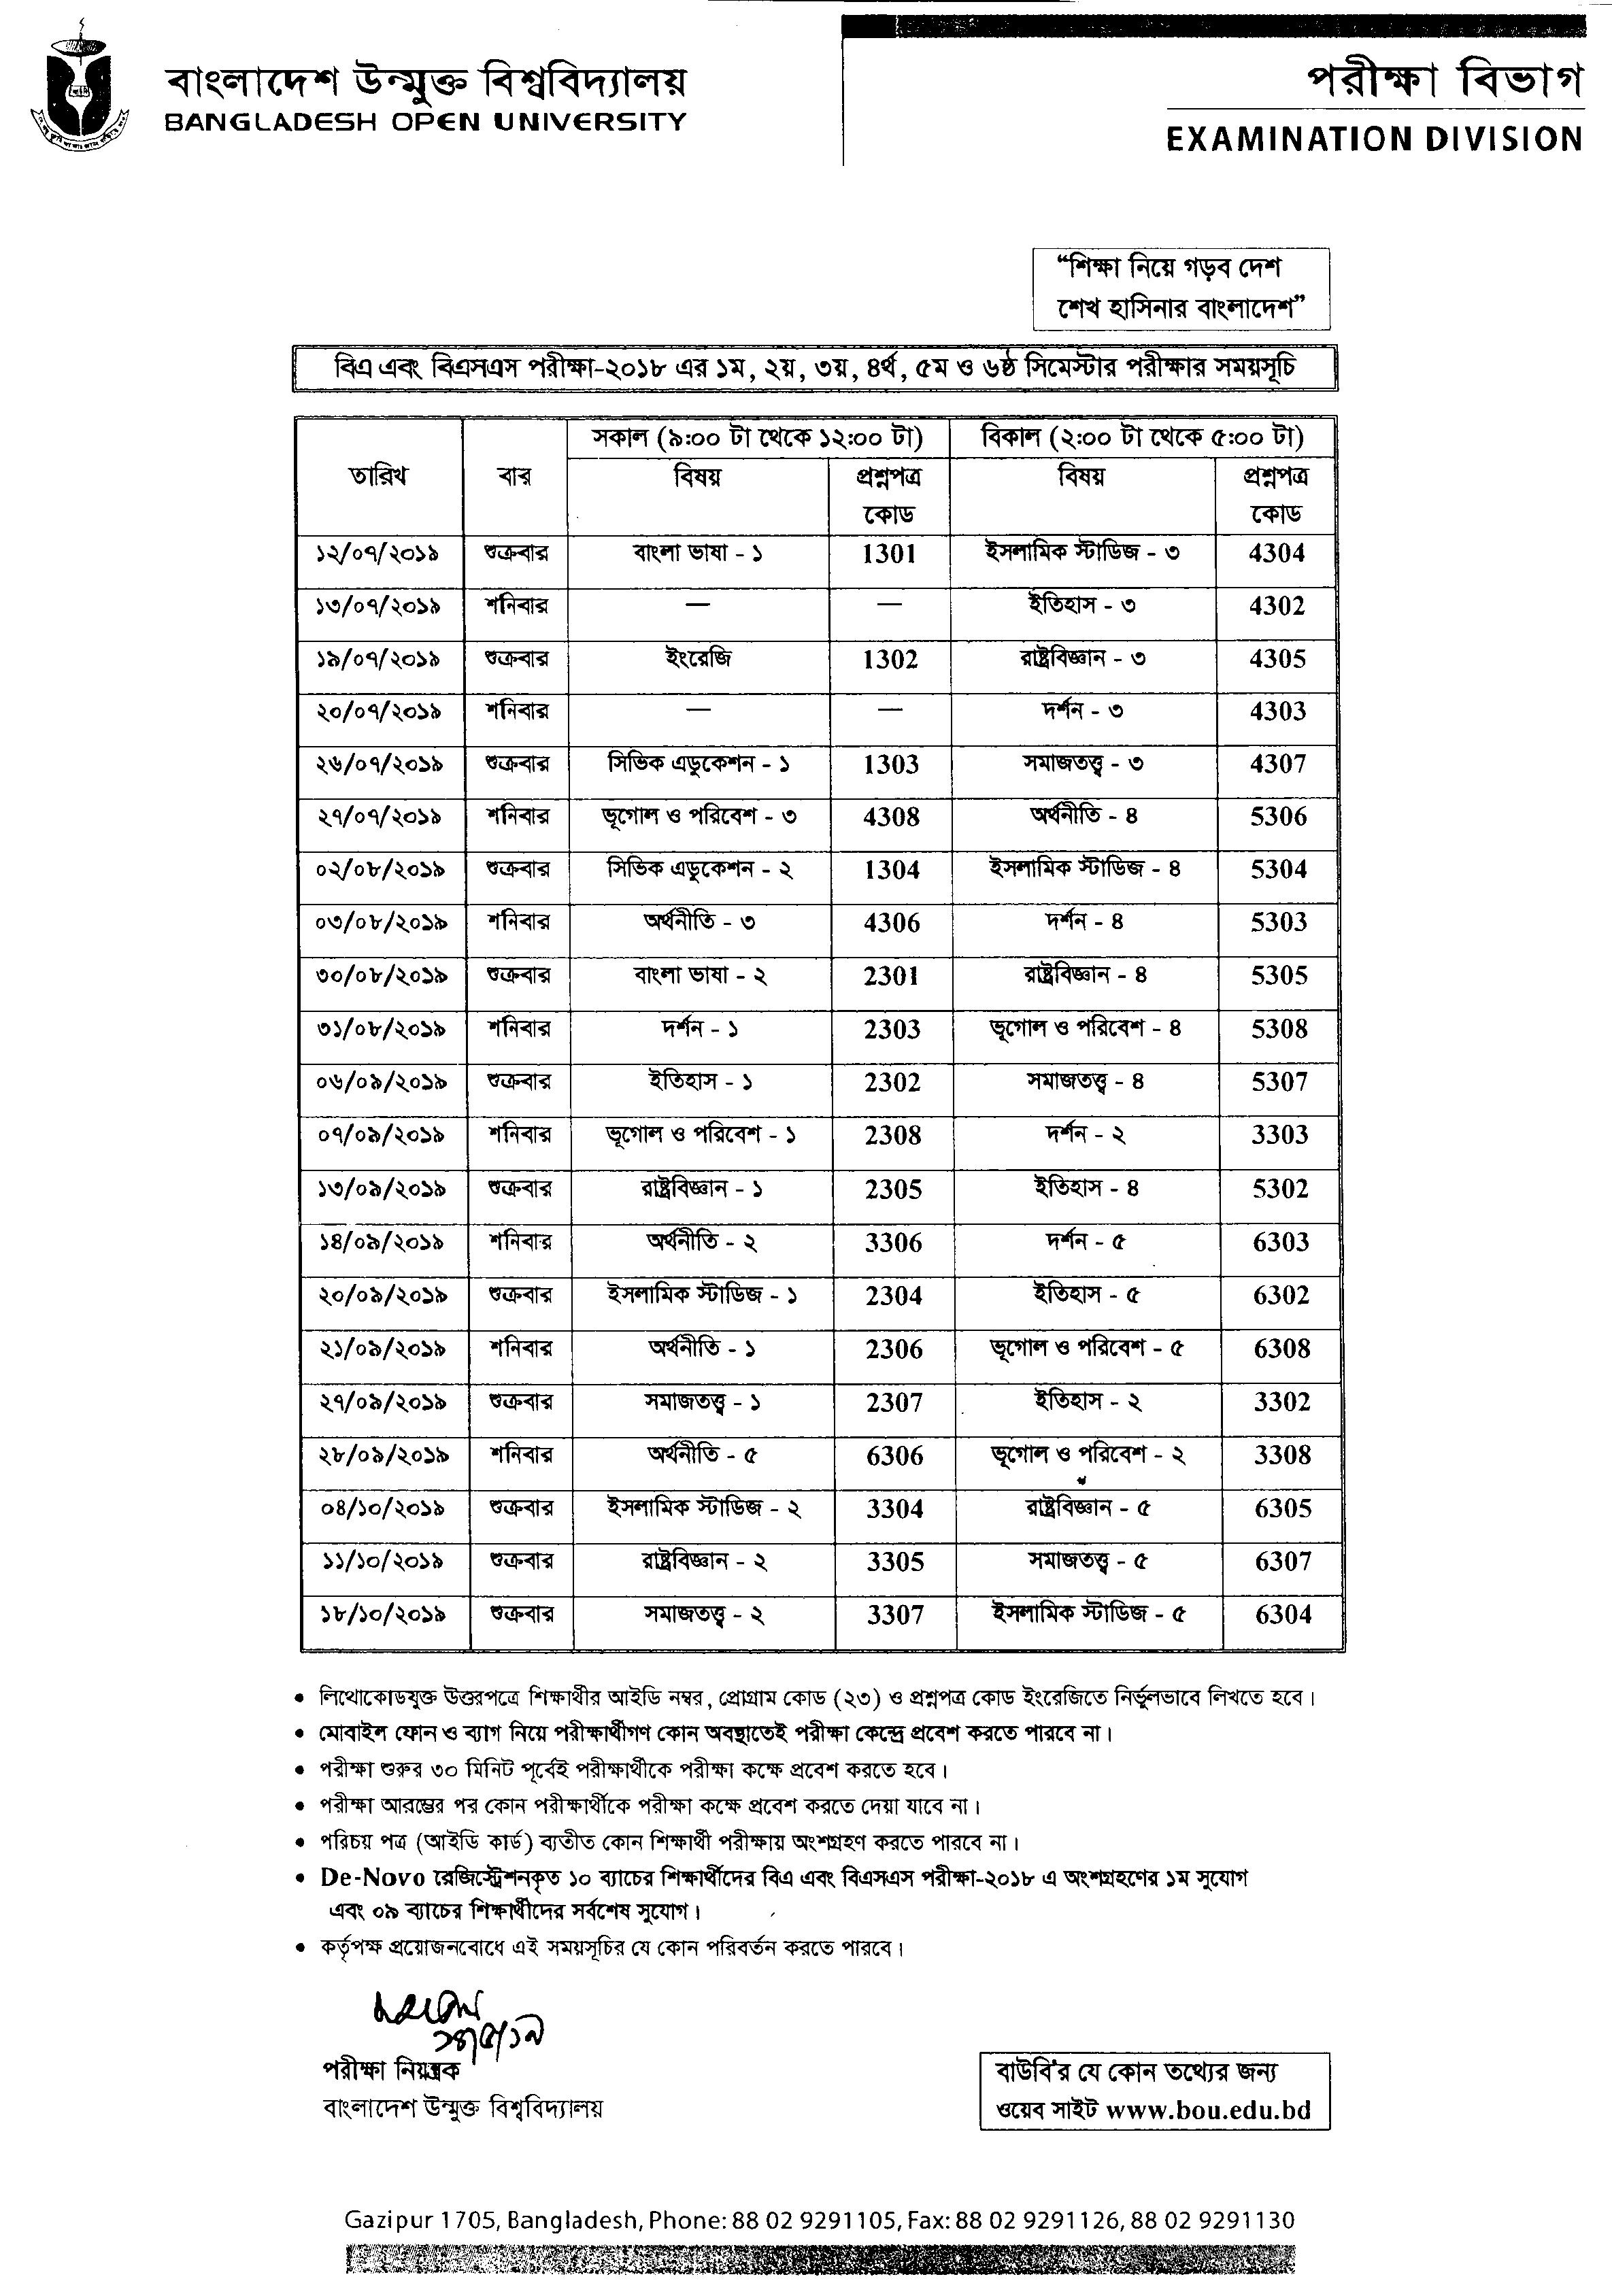 BOU BBS Exam Routine 2020